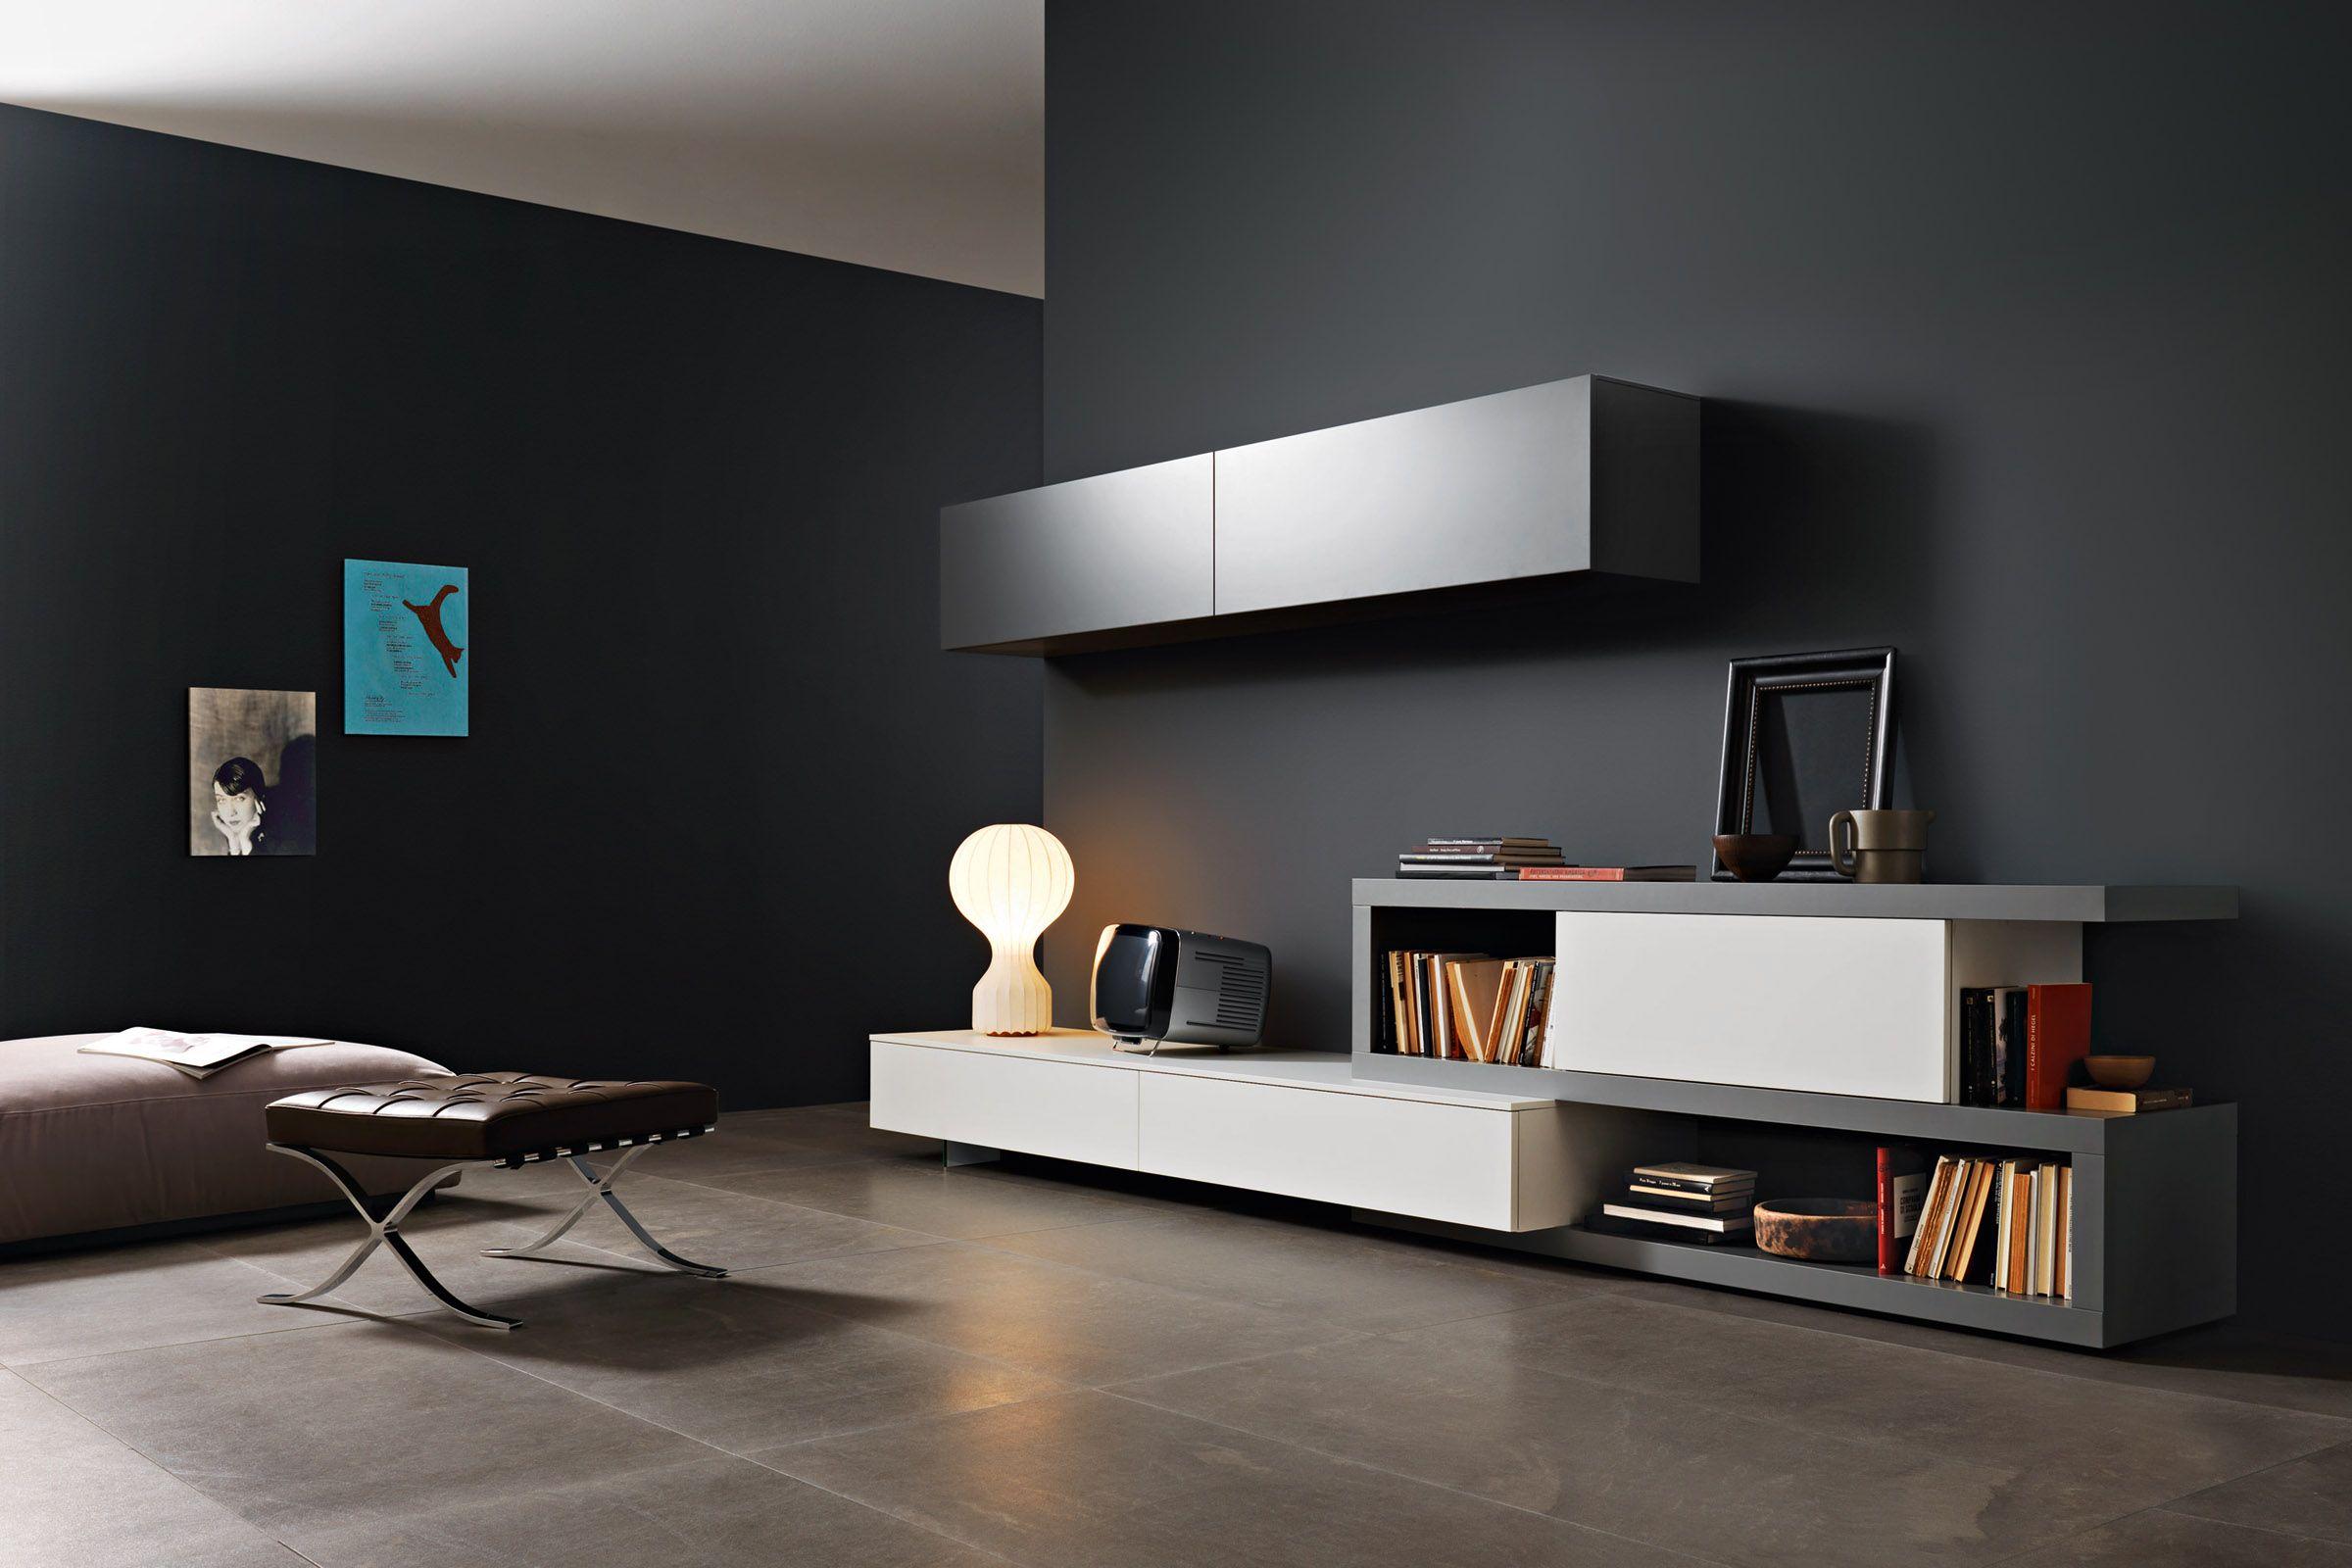 mobili per soggiorno moderno milano - Cerca con Google | mobili tv ...